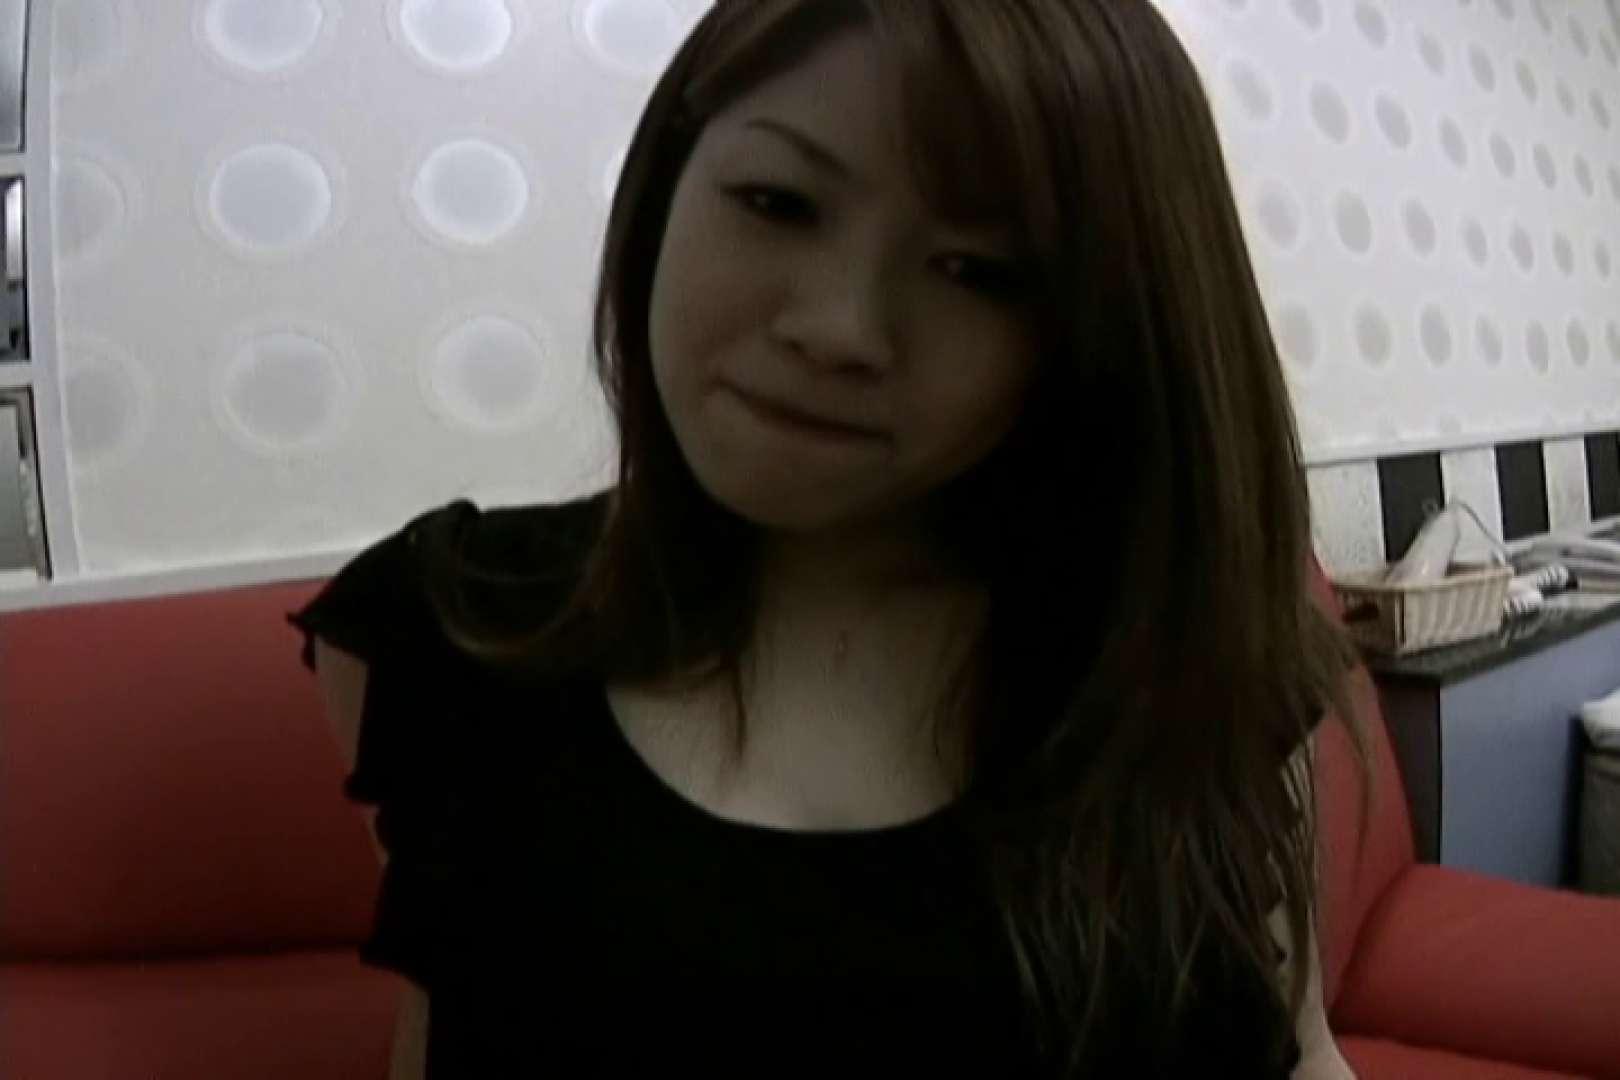 素人モデル撮っちゃいました kana02 すけべな女子大生 のぞき動画画像 109画像 71